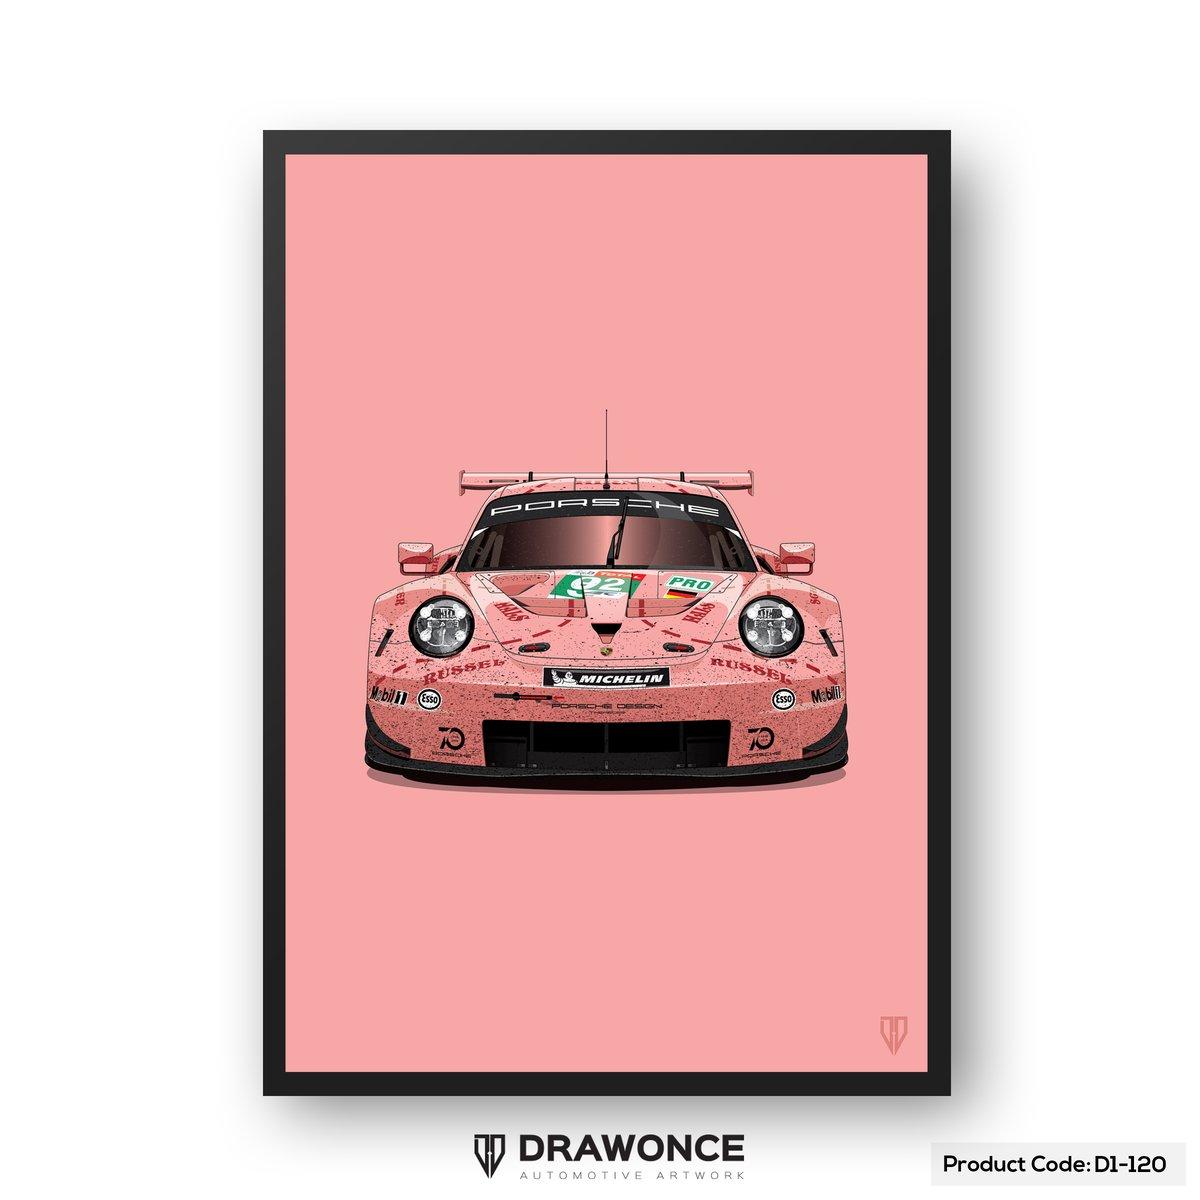 #92 Pink Pig Porsche RSR (D1-120)